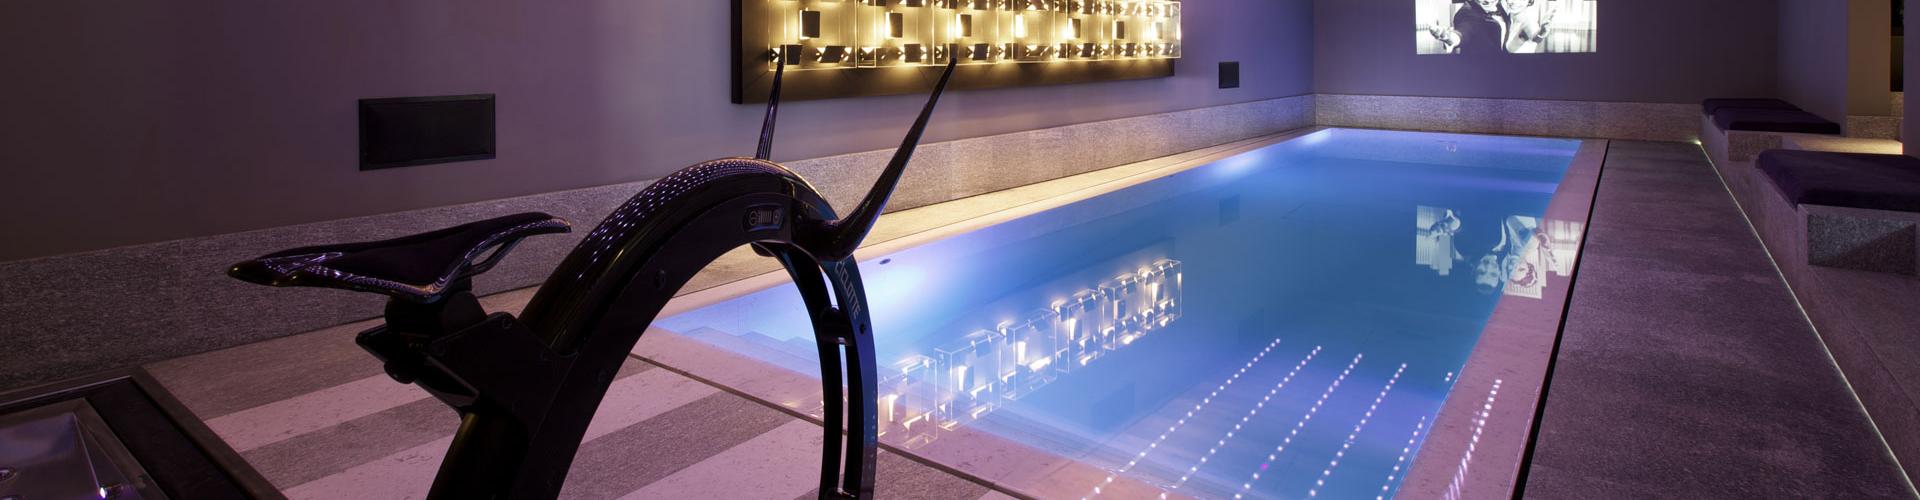 Constructeur de piscine int rieure centerspas for Construction piscine geneve